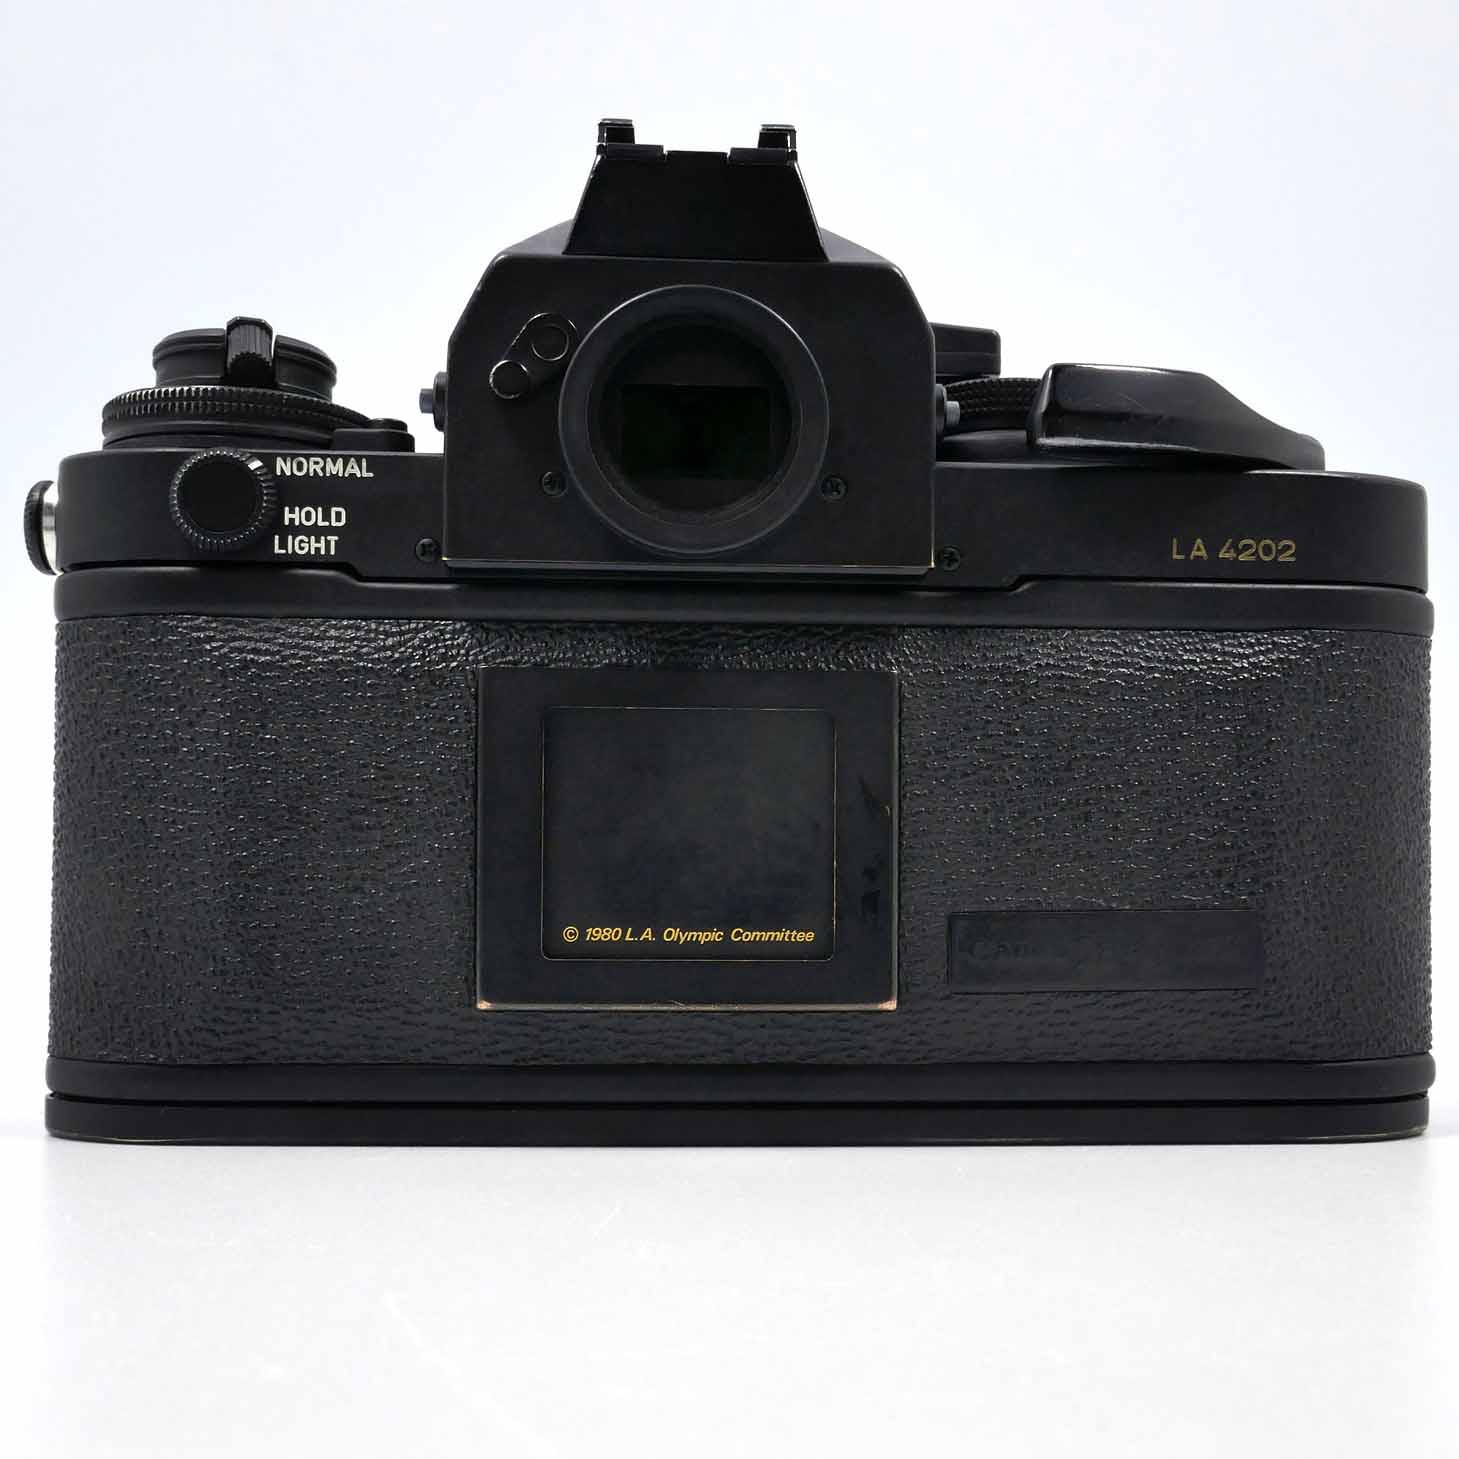 clean-cameras-Canon-F-1-Los-Angeles-06